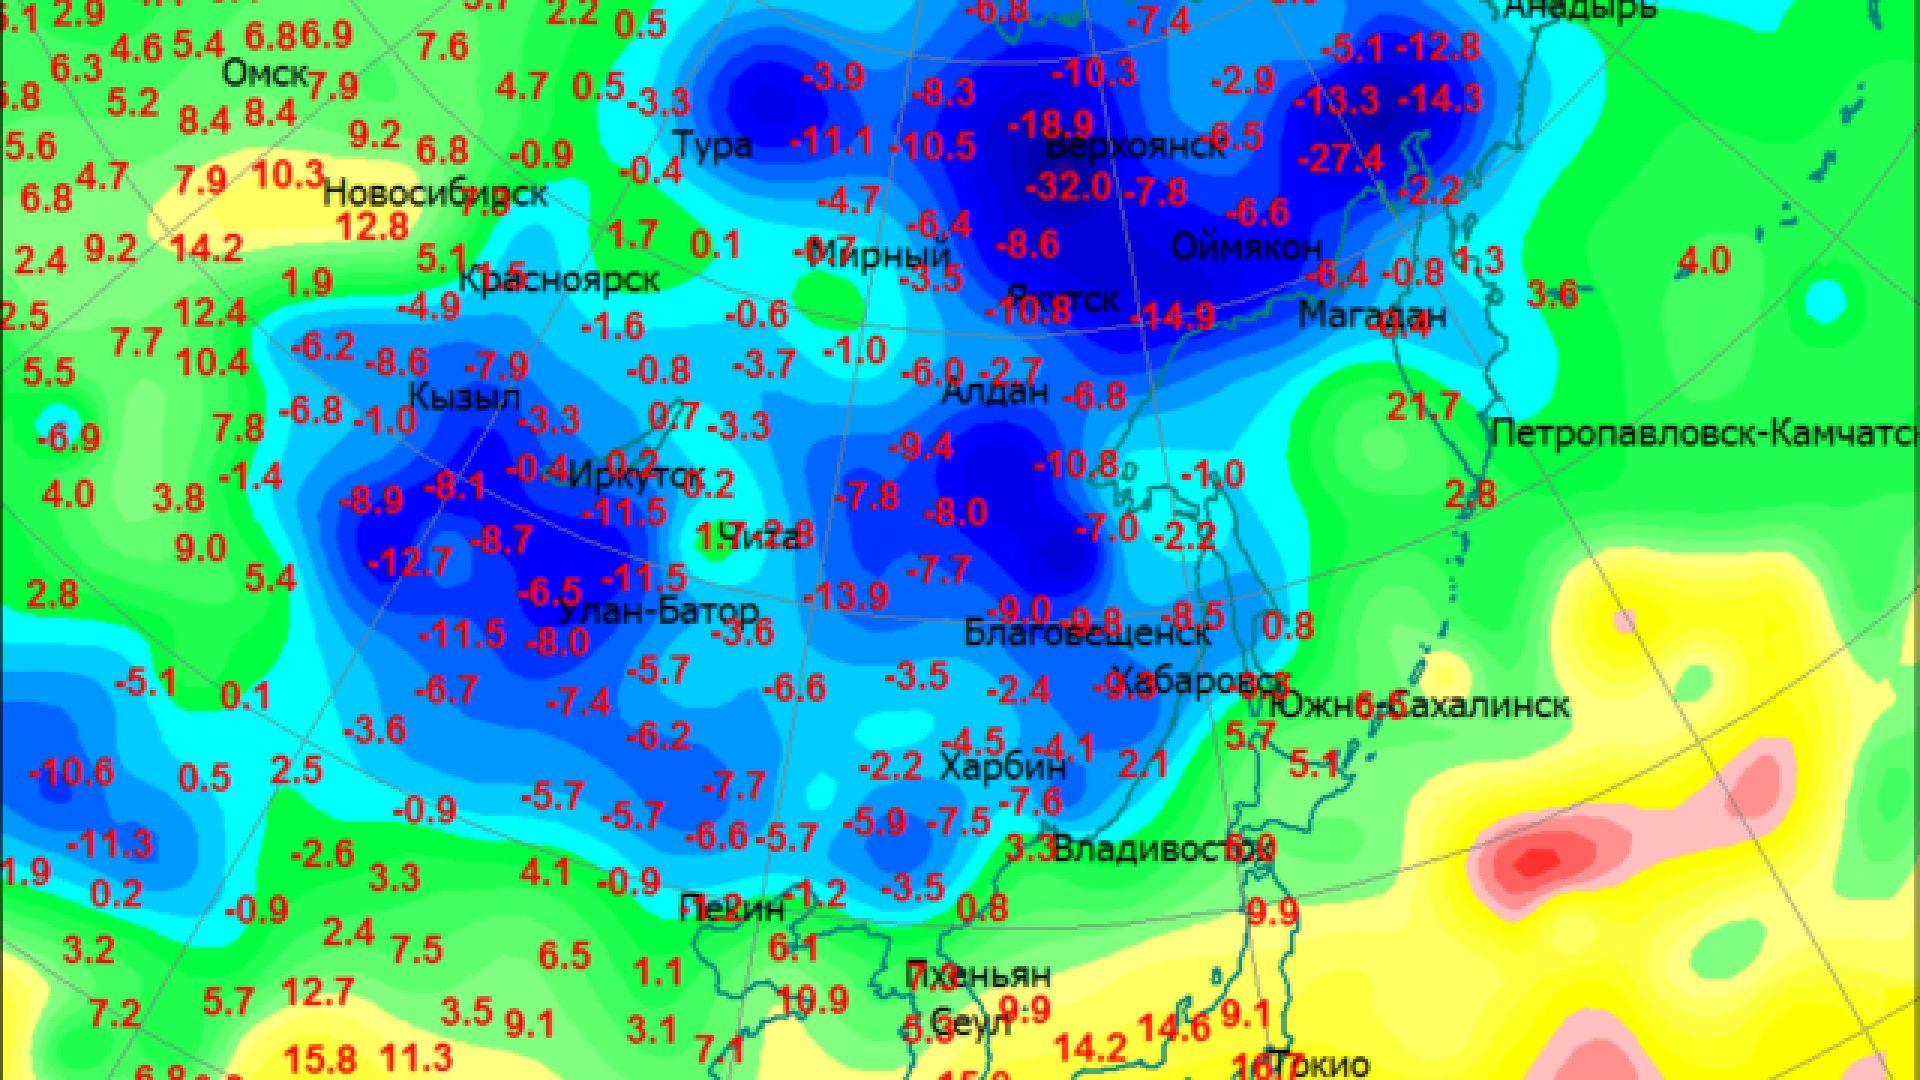 Първи минус 30 градуса в Русия, есента неумолимо напредва и у нас